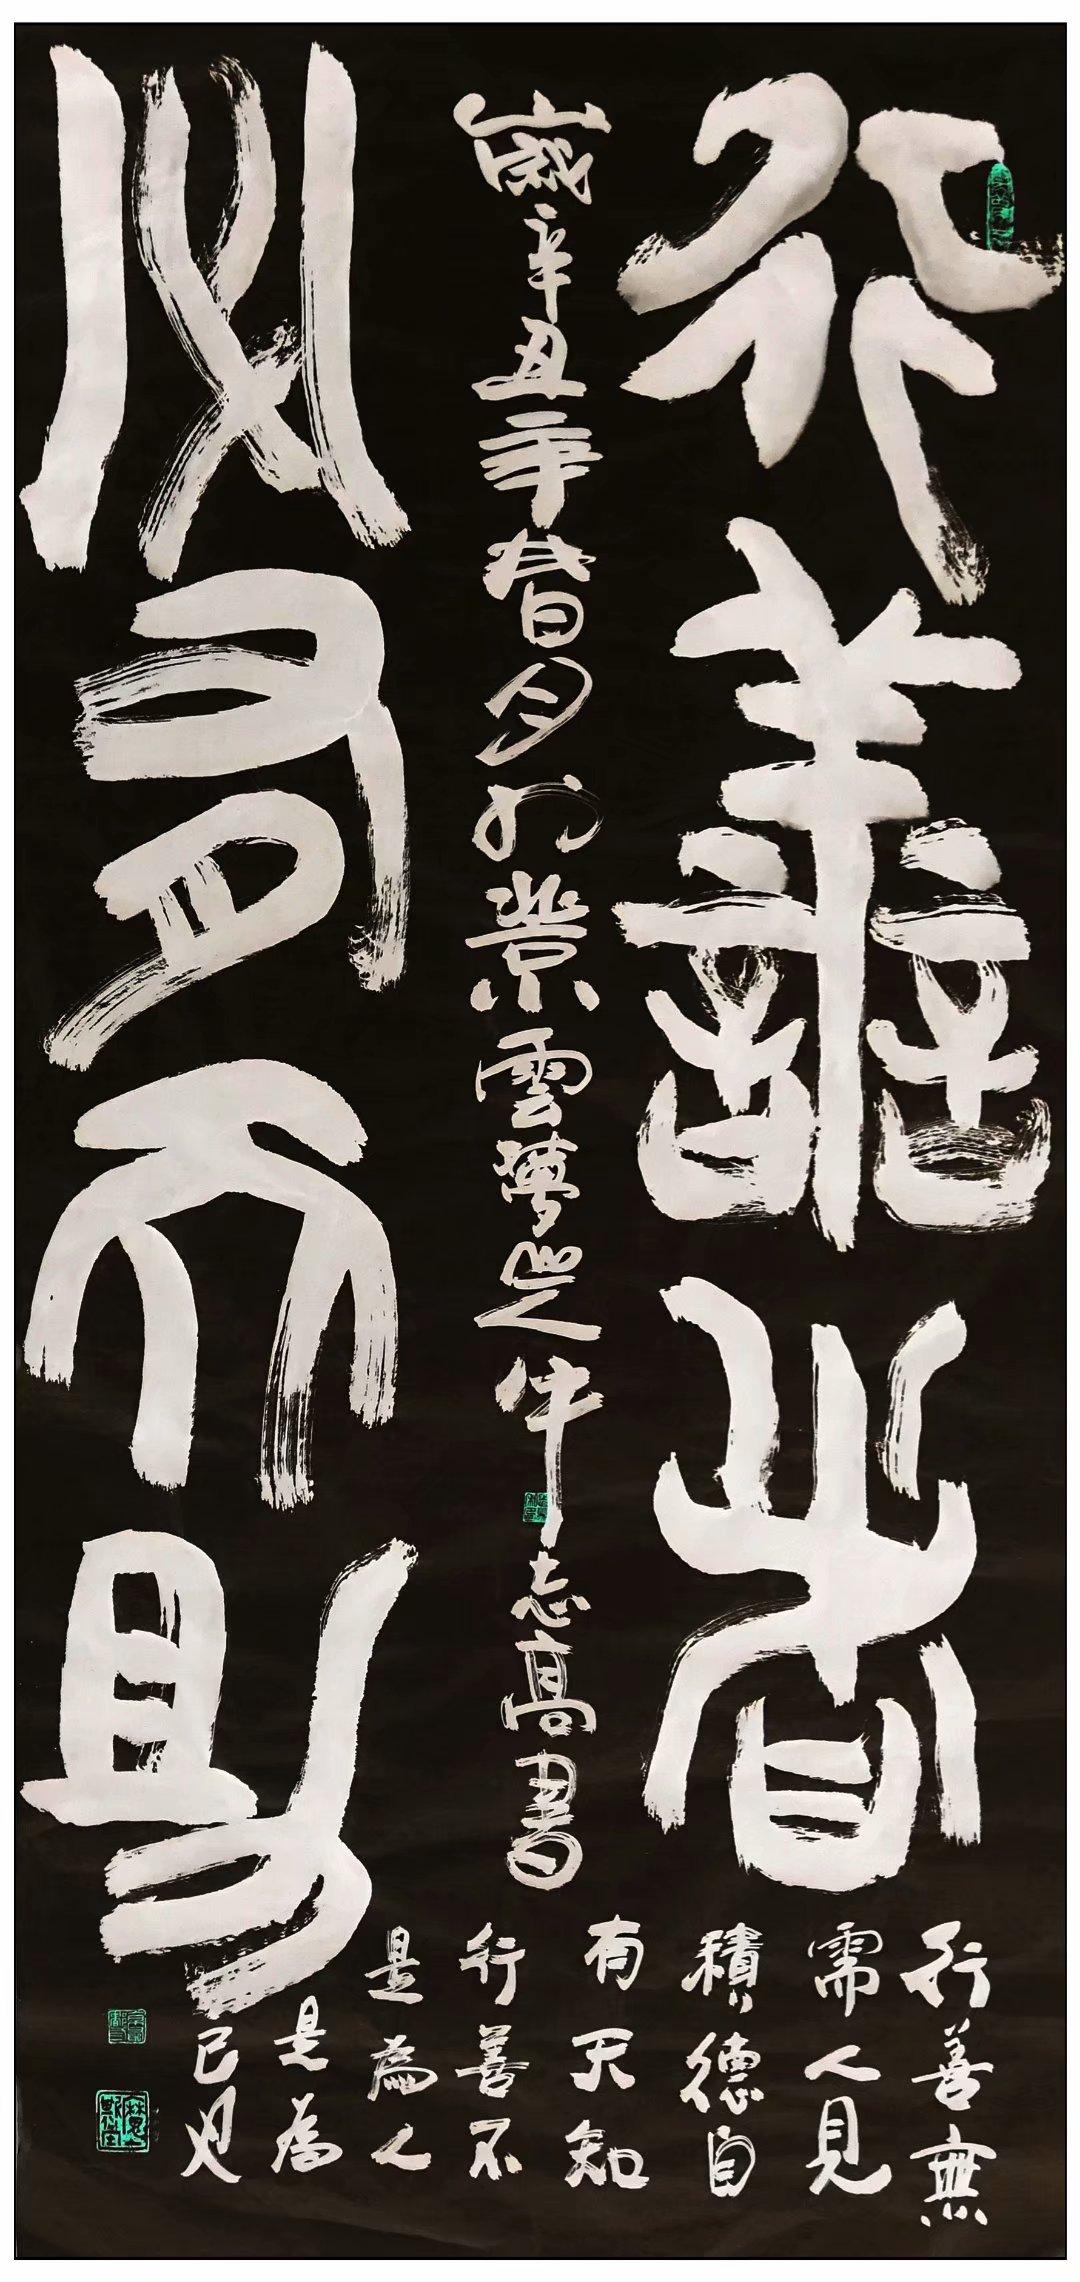 牛志高书法2021.06.11_图1-6